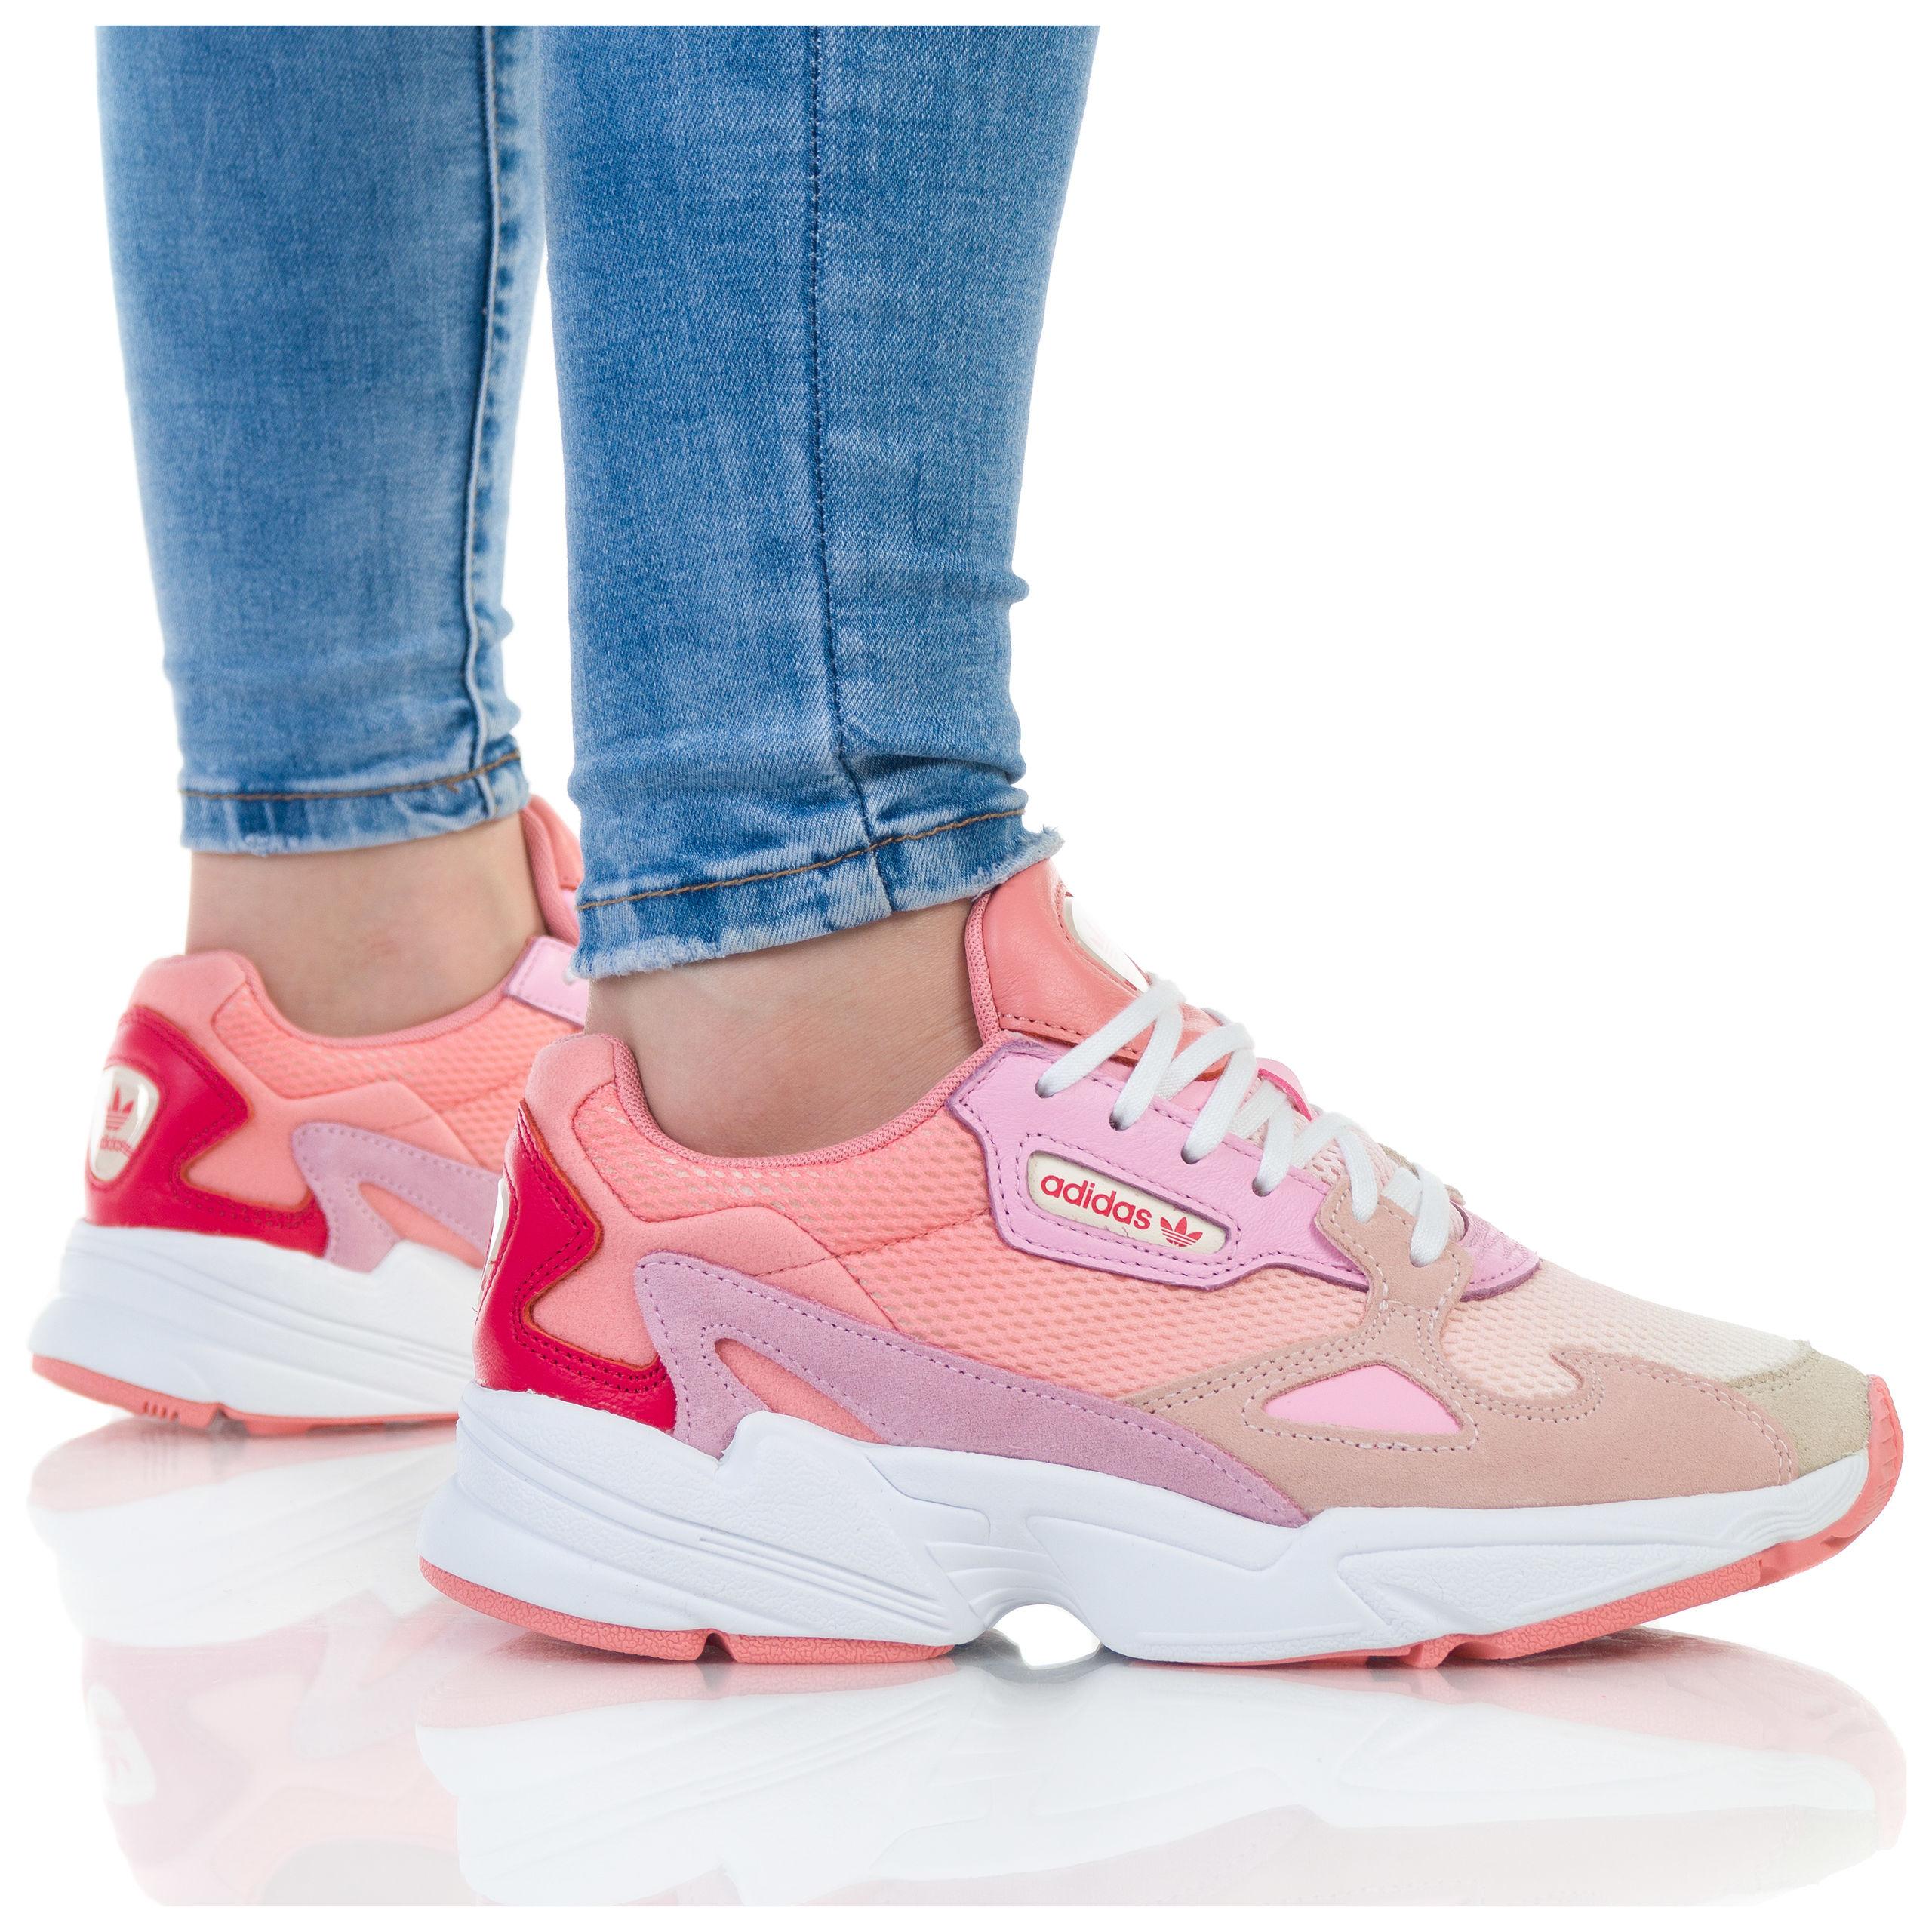 buty adidas damskie różowe allegro